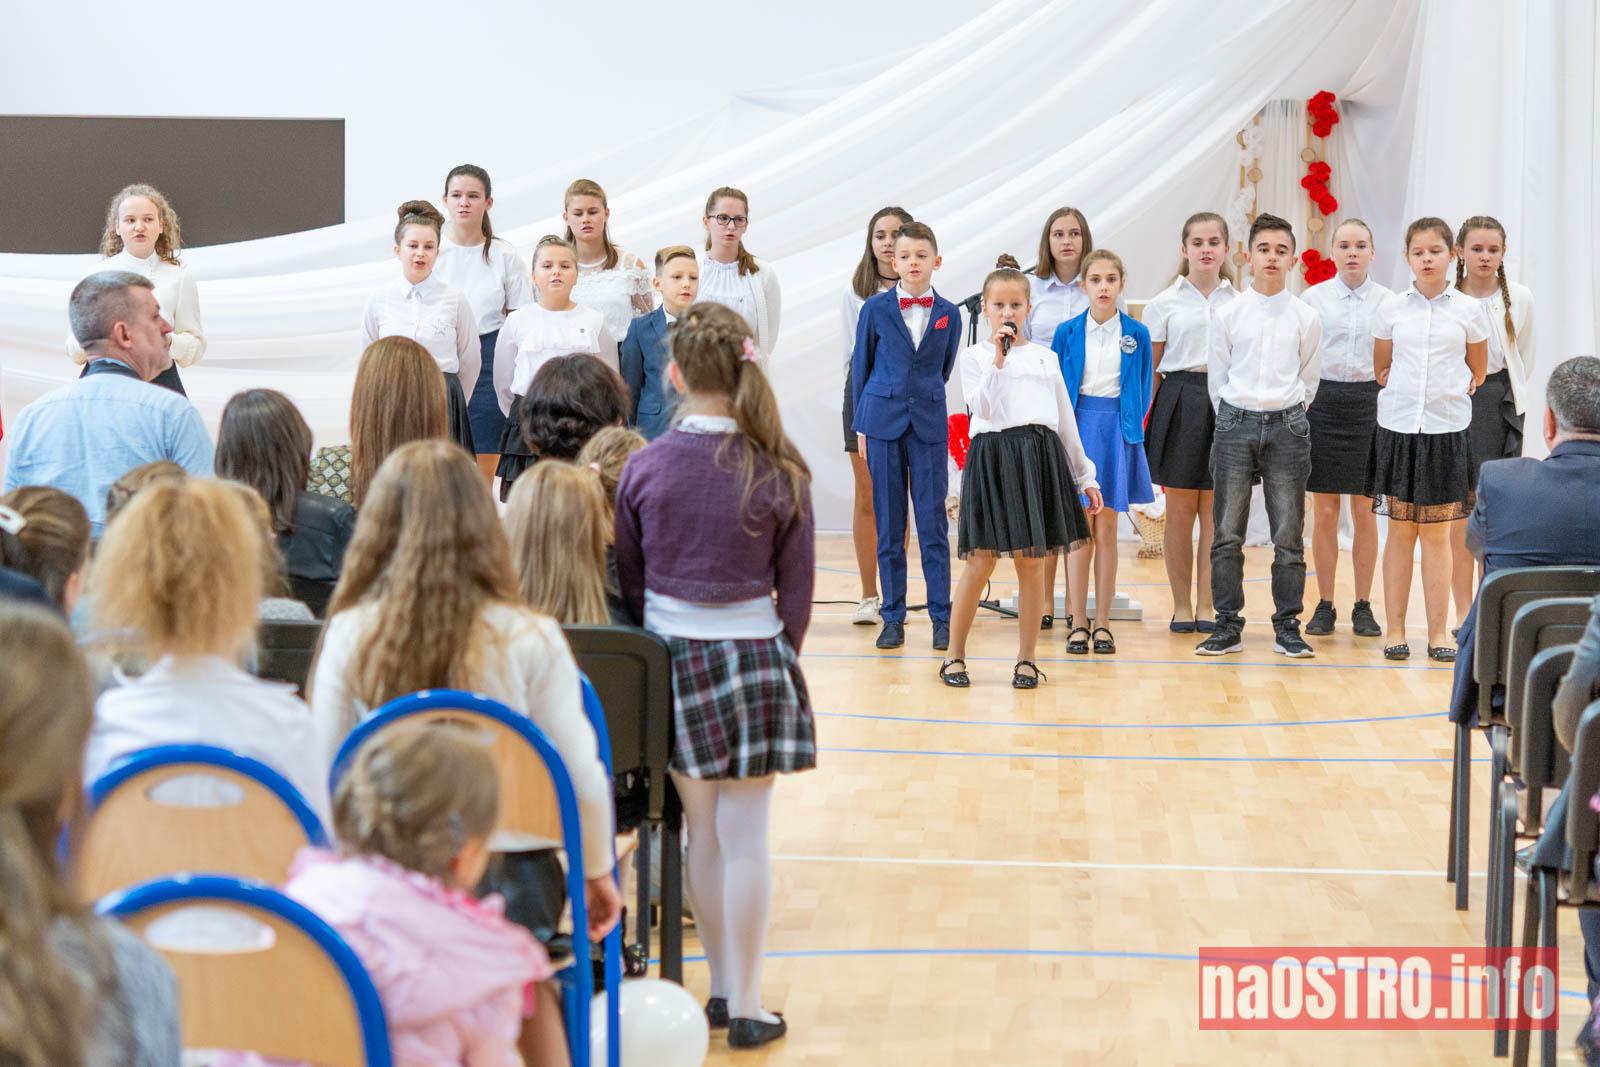 NaOSTRO Otwarcie Szkoły w Bałtowie-181